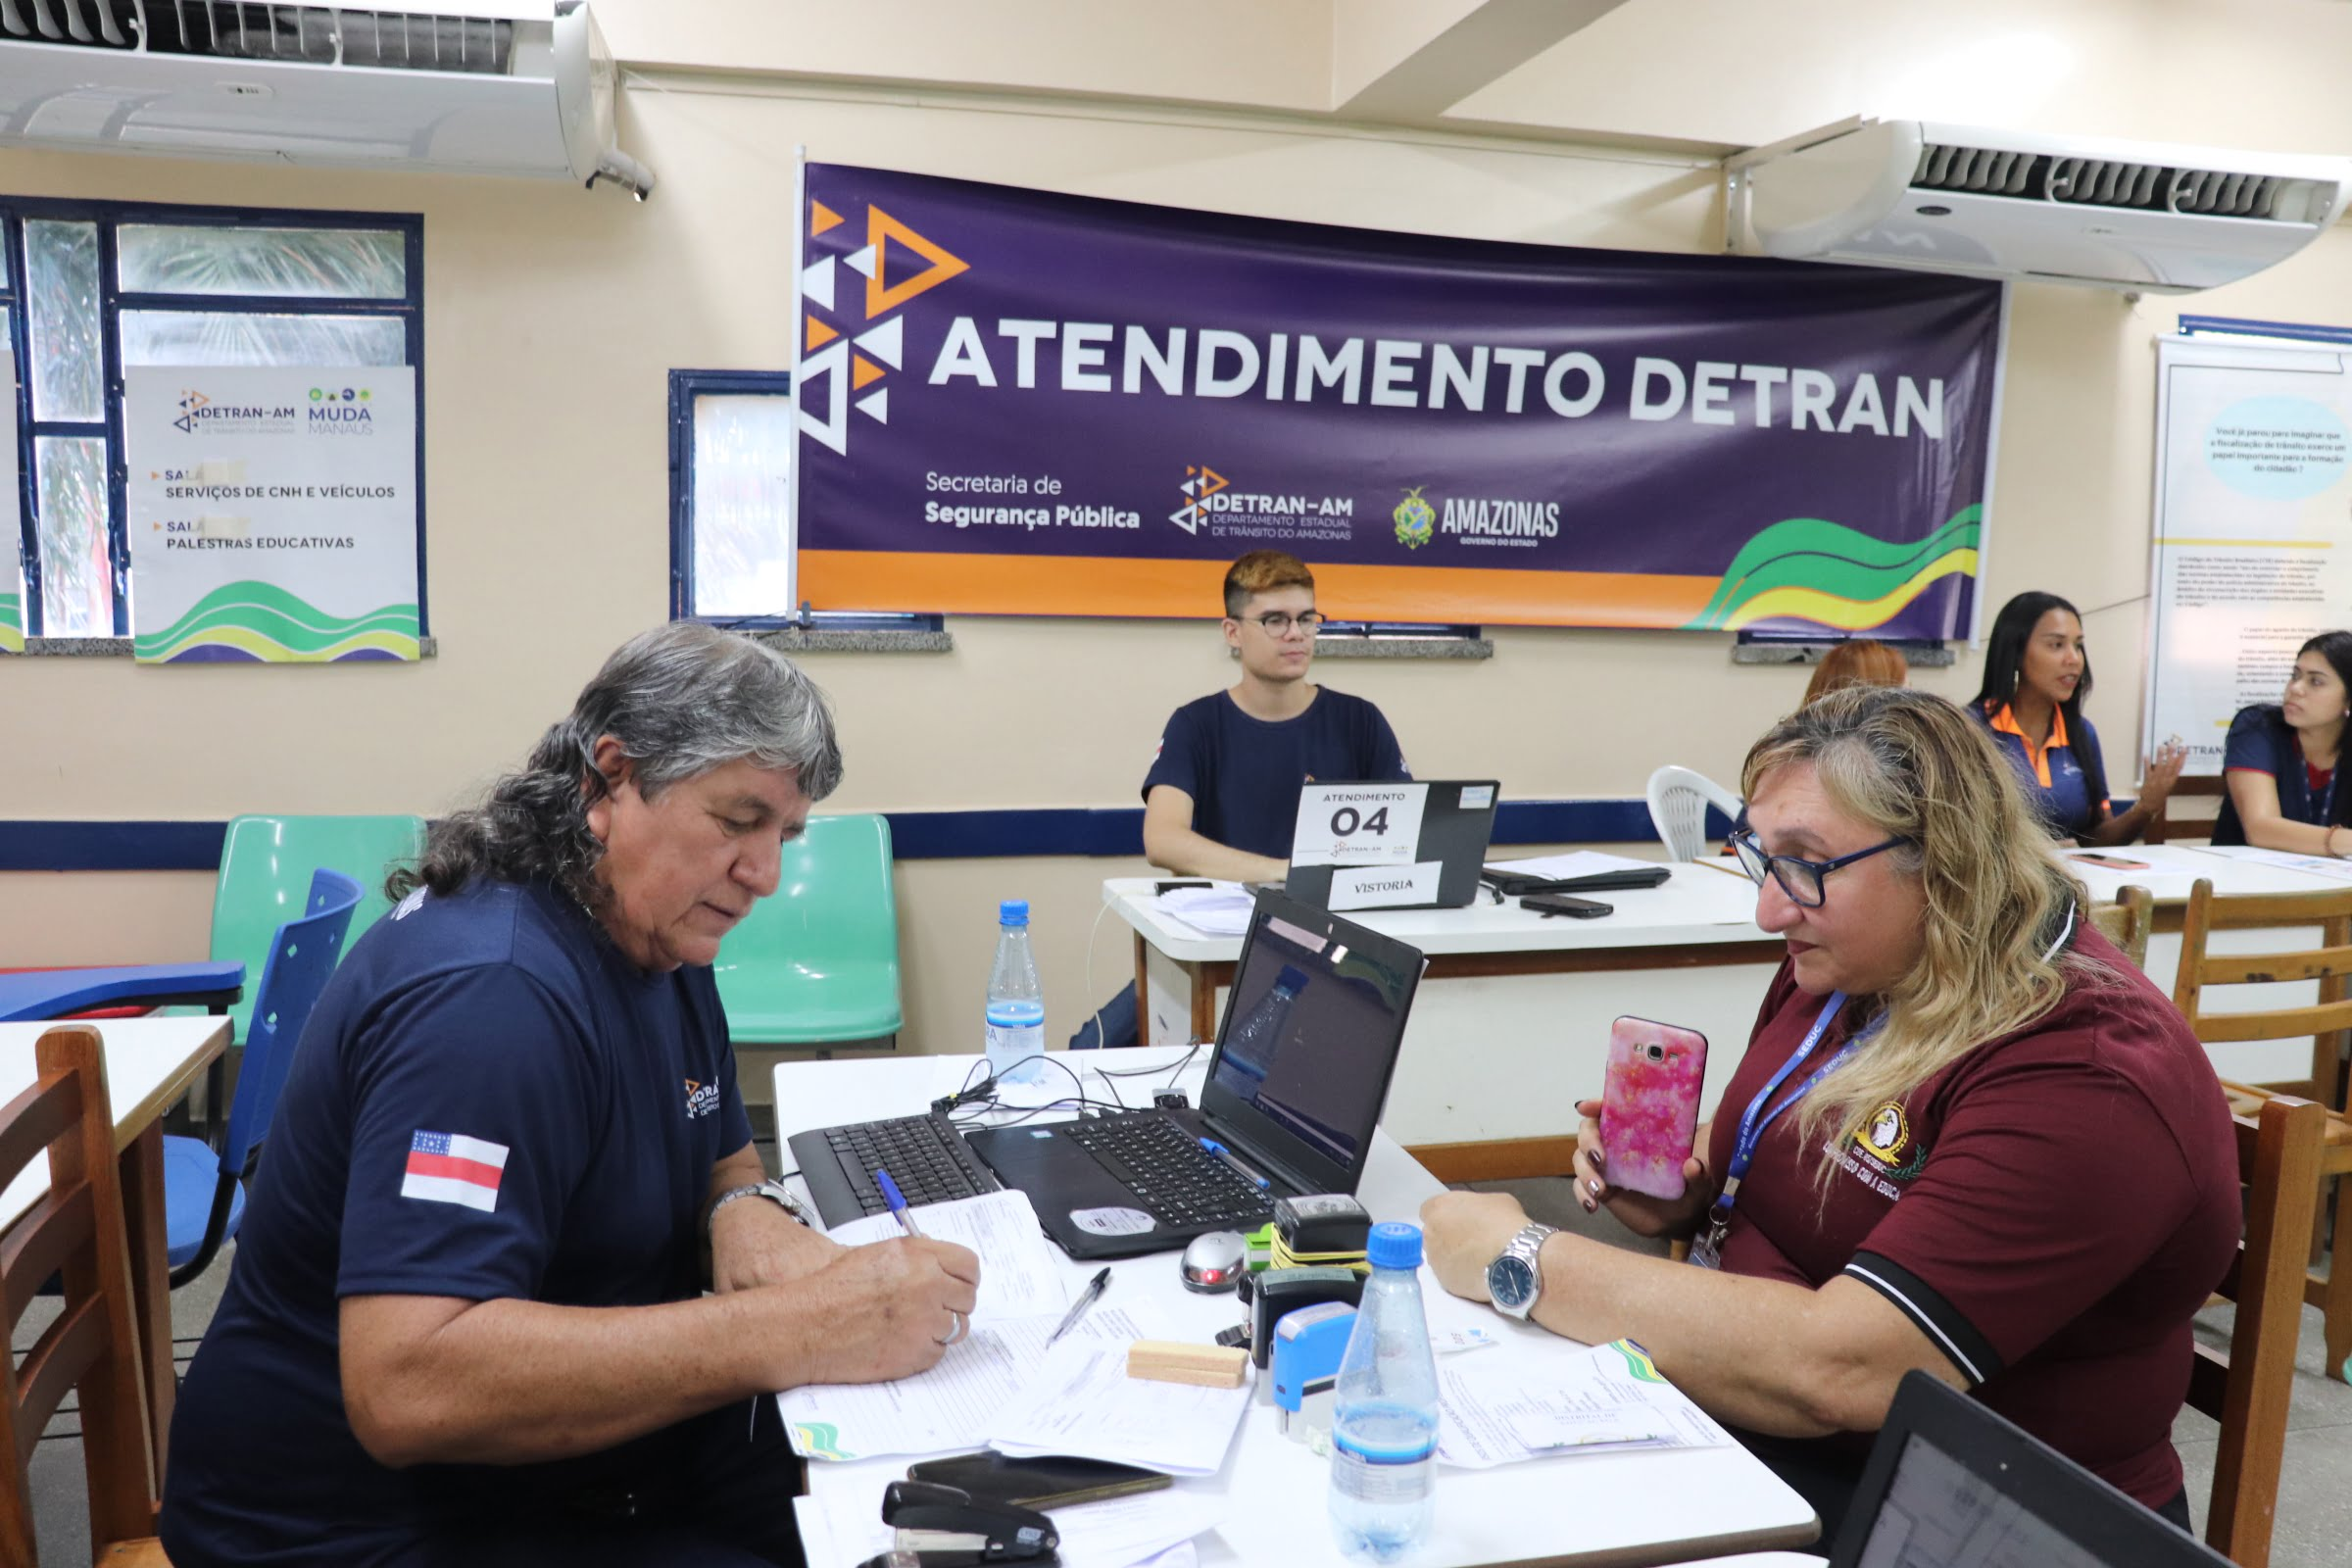 Detran-AM alcança mais de 1.800 pessoas na segunda edição do 'Muda Manaus'